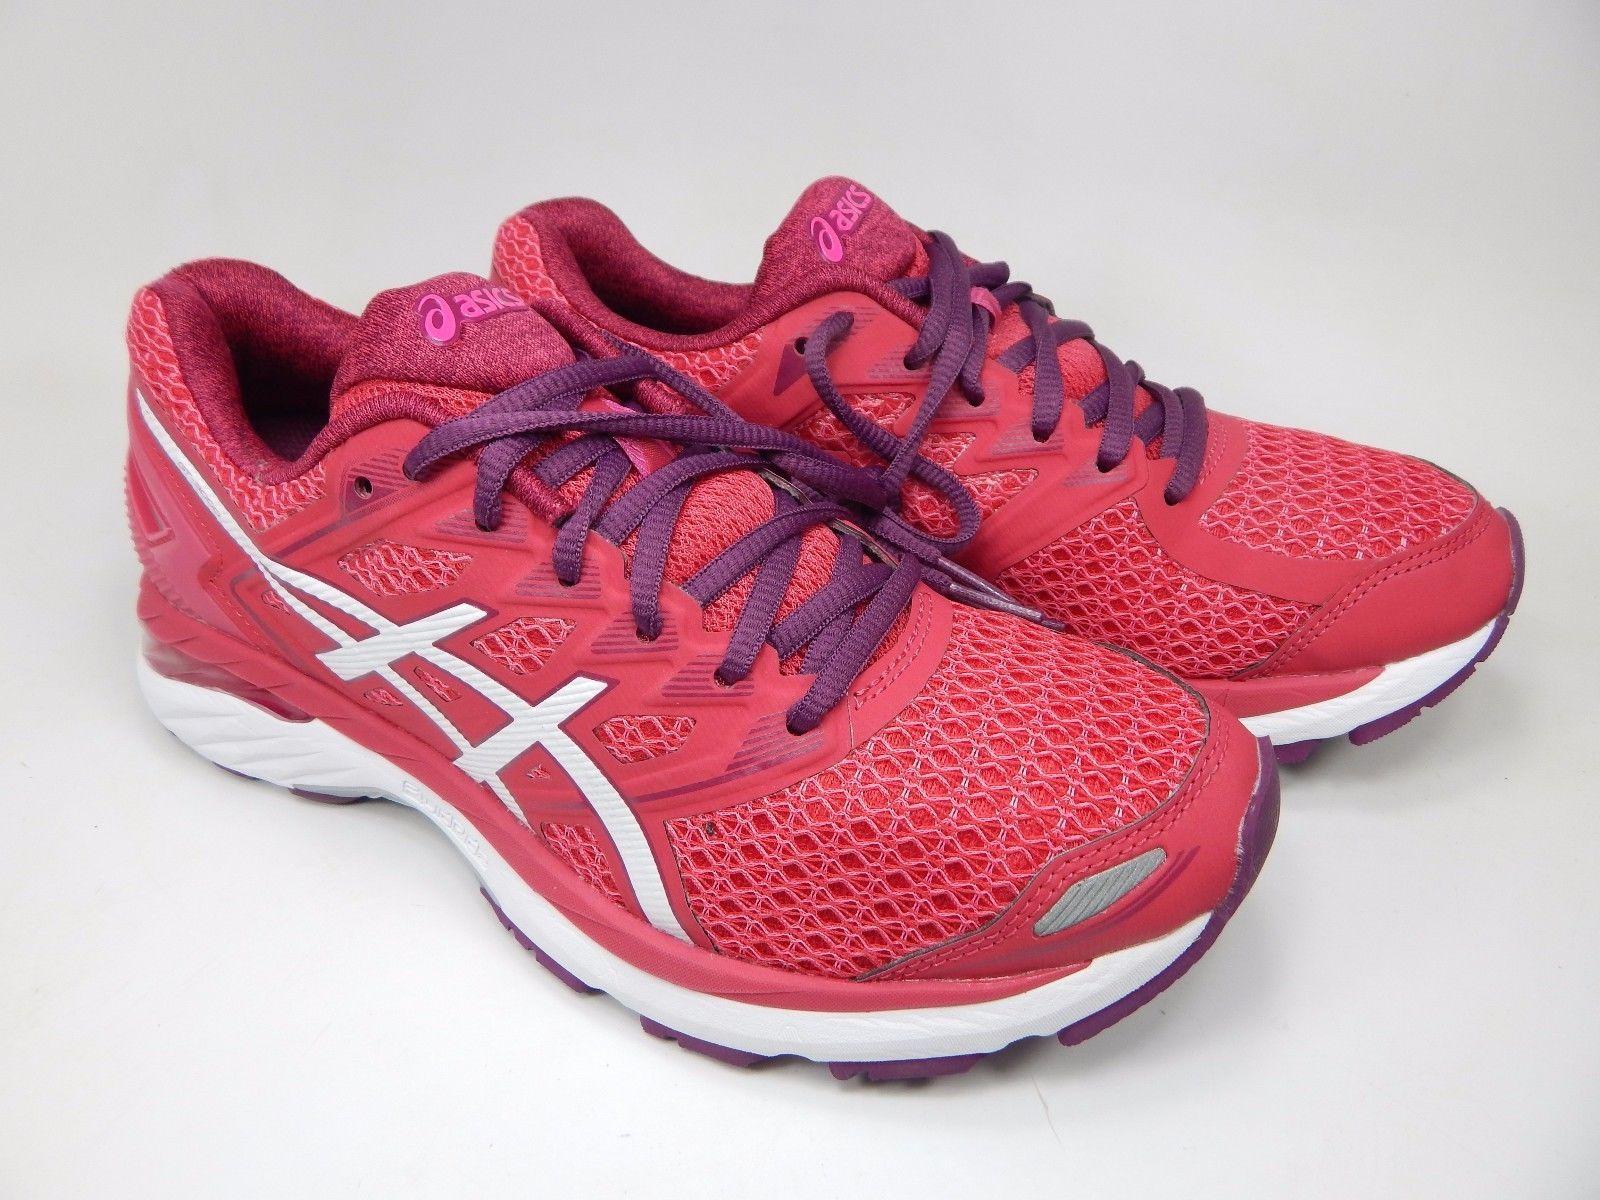 Asics GT 3000 v 5 Women's Running Shoes Size US 8 M (B) EU 39.5 Red White T755N